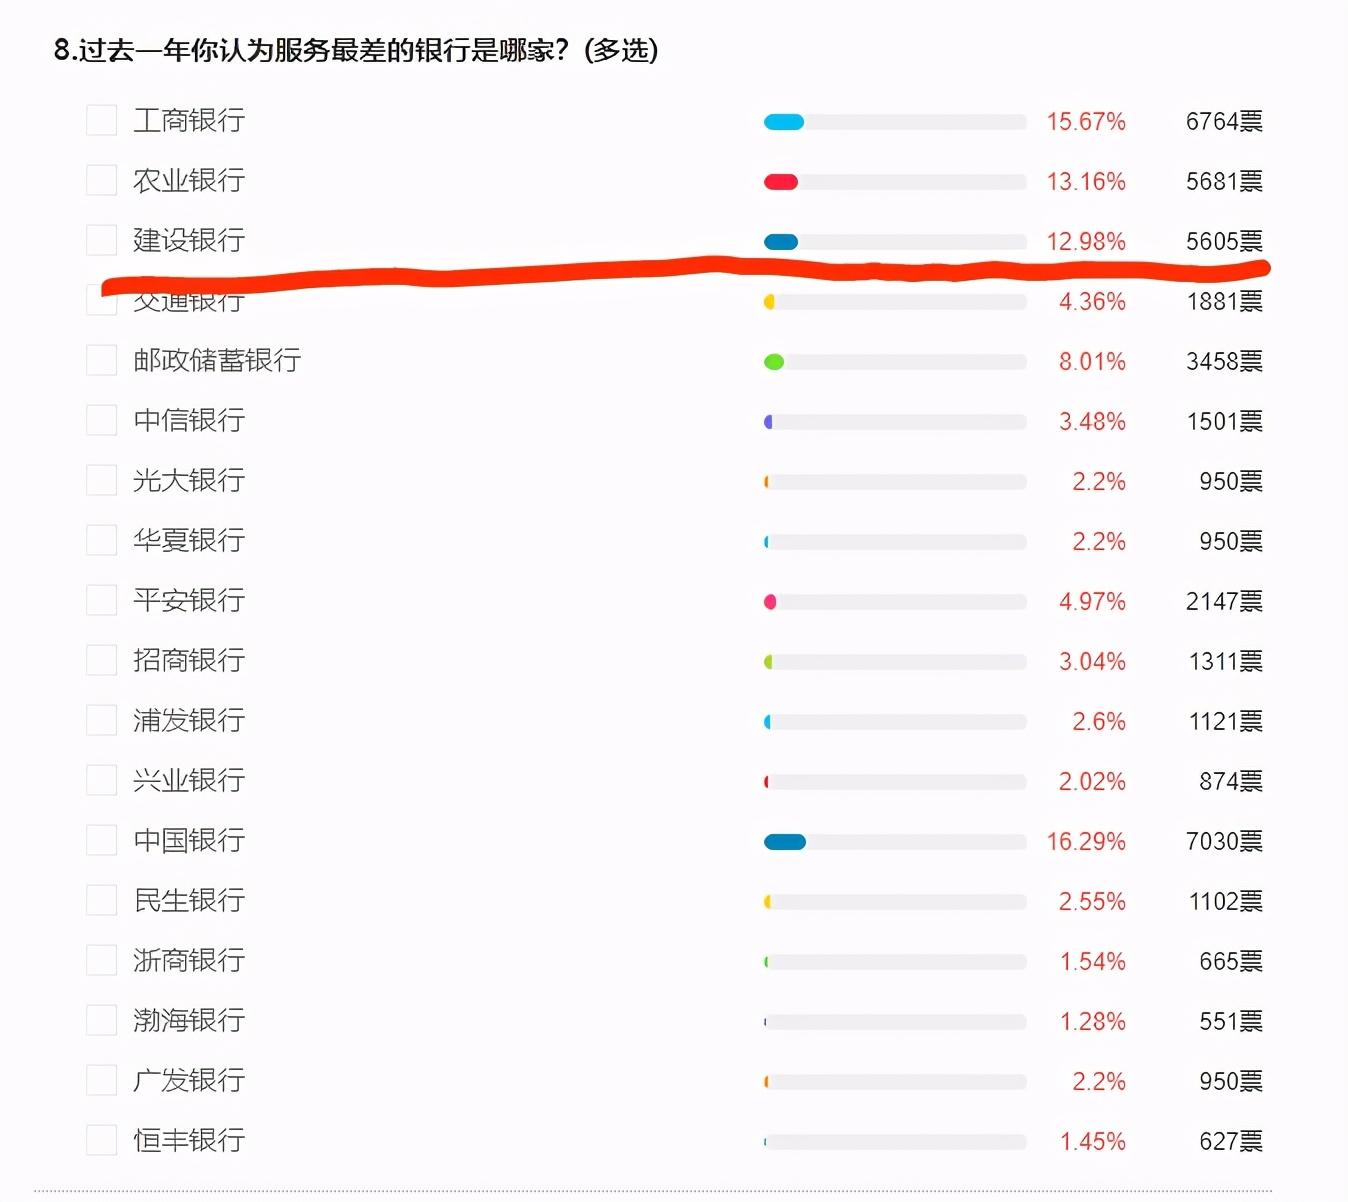 凤凰315银行调查:建行泄露客户隐私 诱导客户信用卡强行扣费